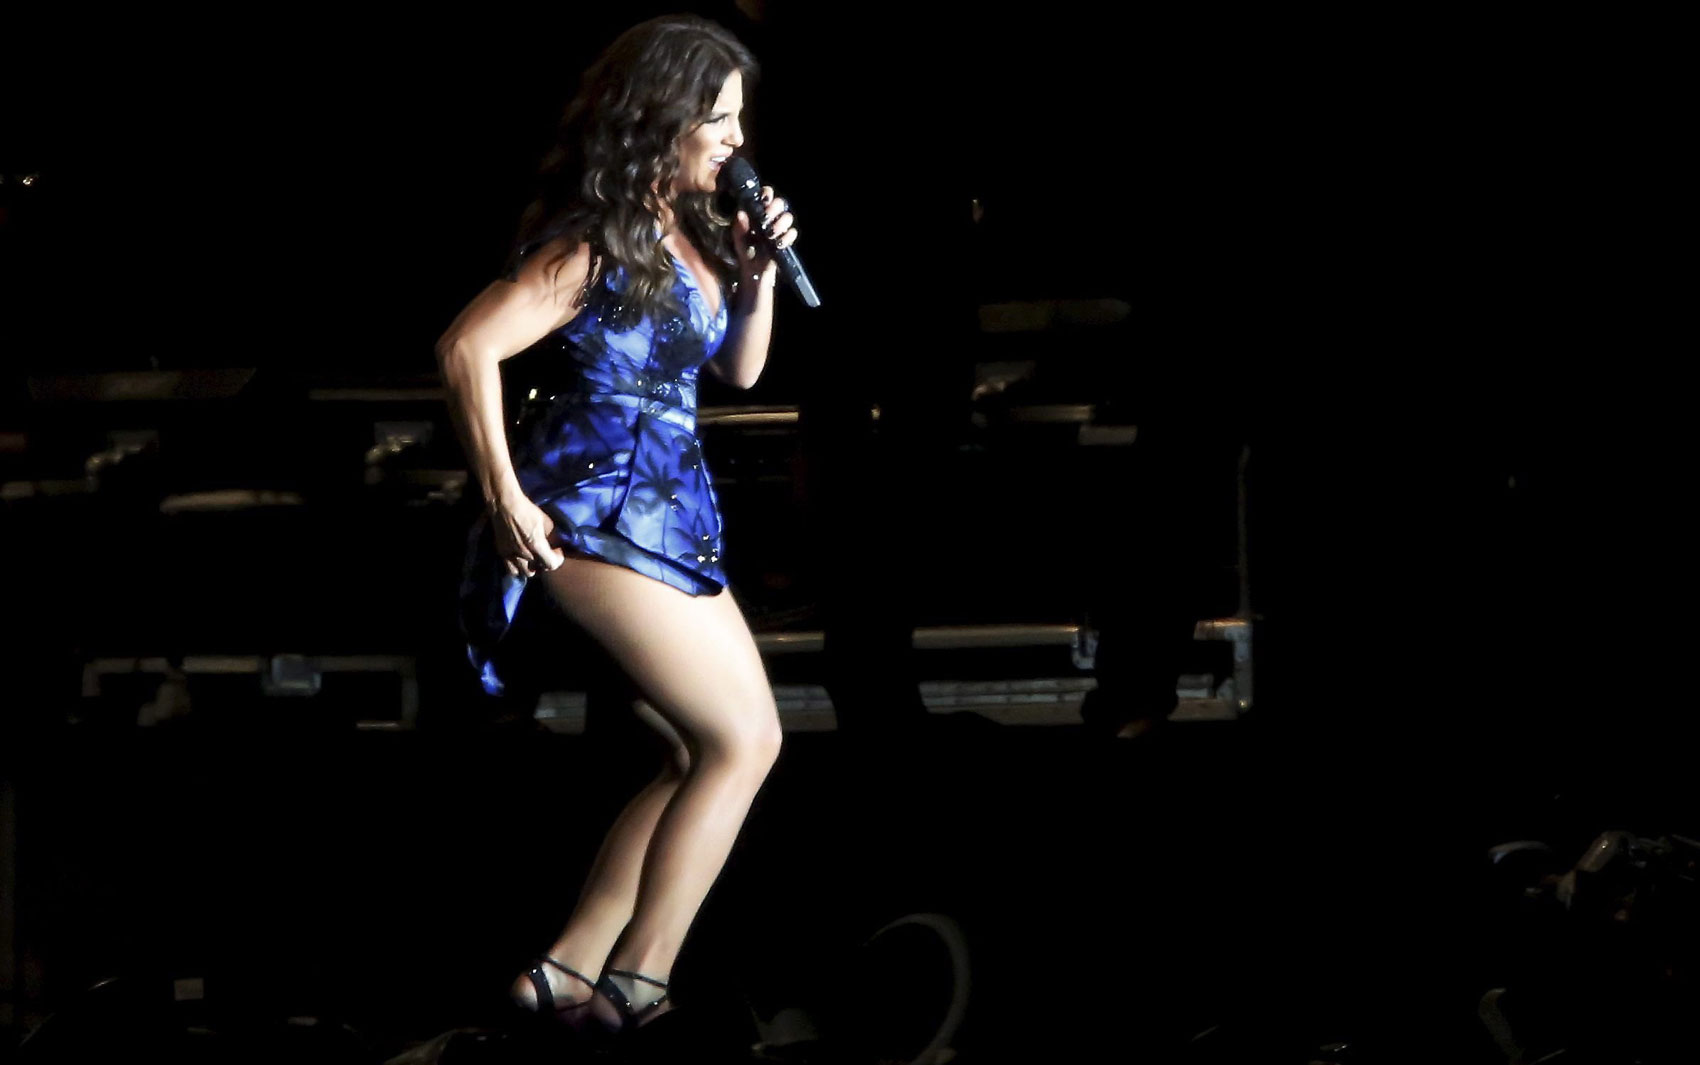 Incomodada com o vestido, Ivete Sangalo ajeita a roupa durante apresentação no Rock in Rio 2013